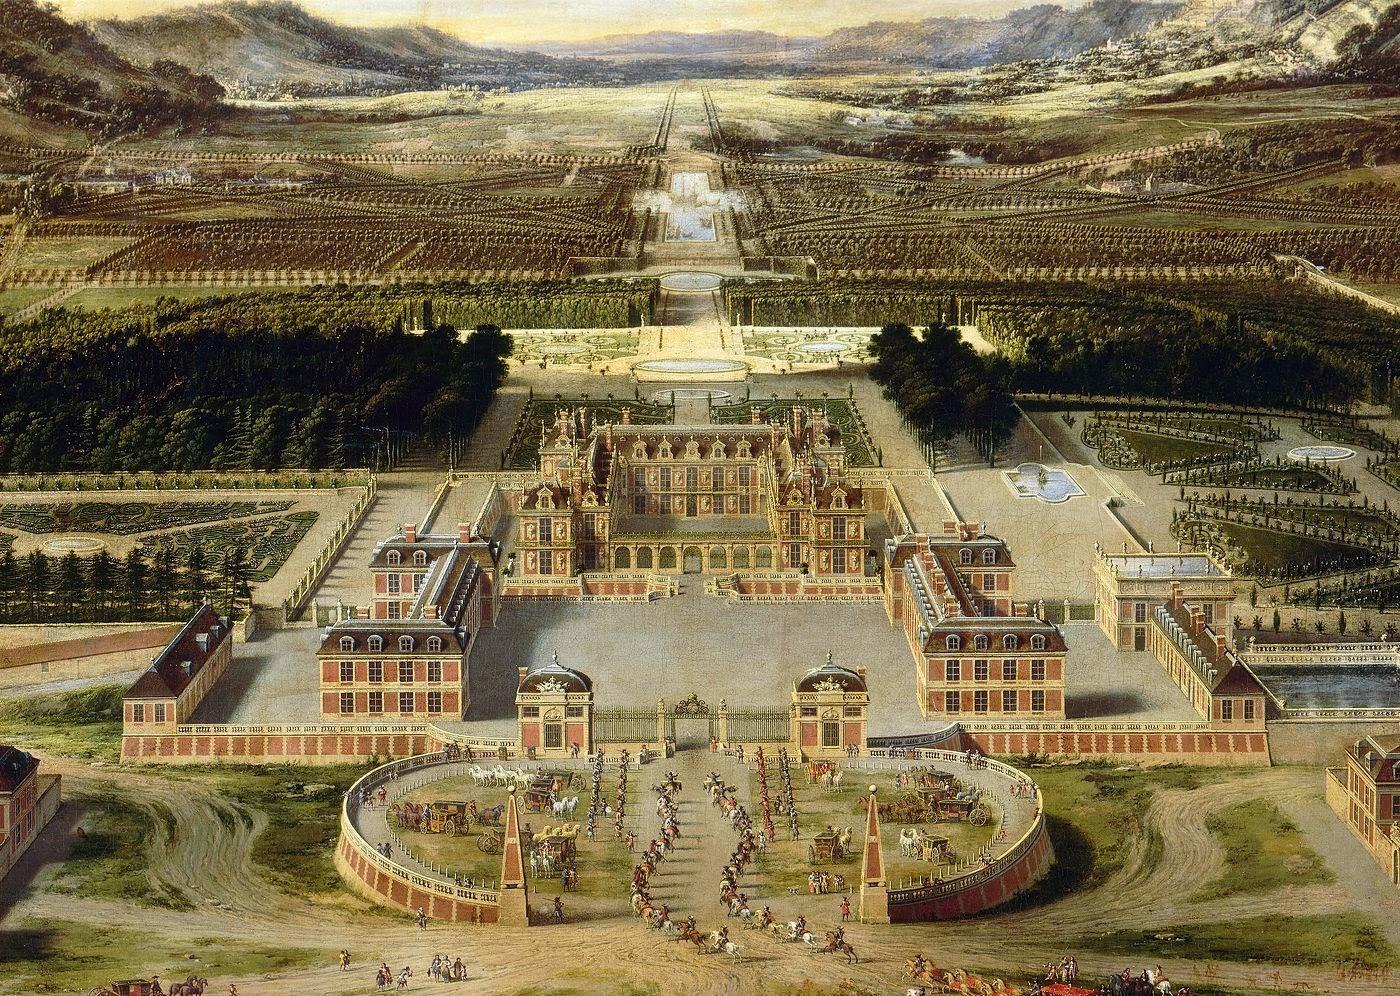 Hortibus parcs et jardins d 39 ile de france le chateau de - Jardin du chateau de versaille ...